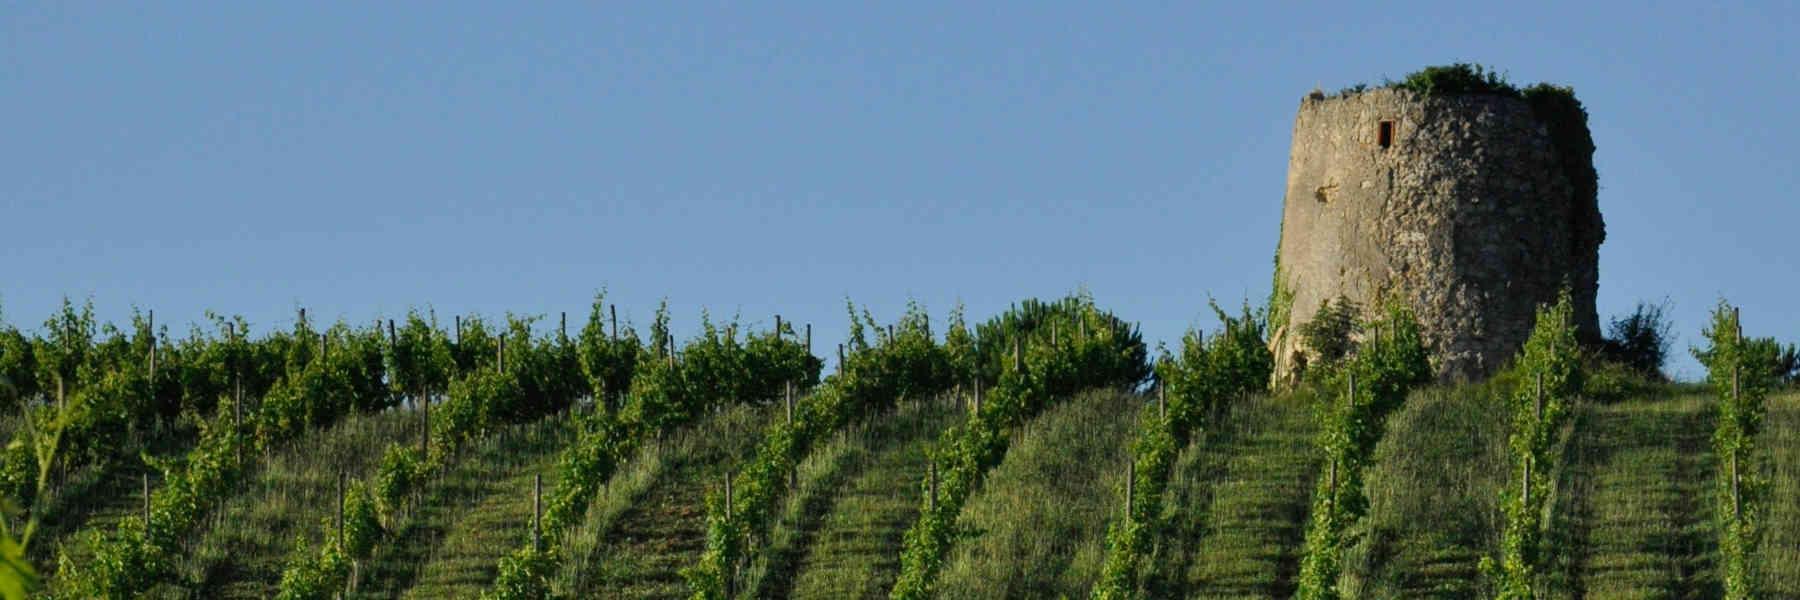 Dominik Benz producteur et créateur de vins